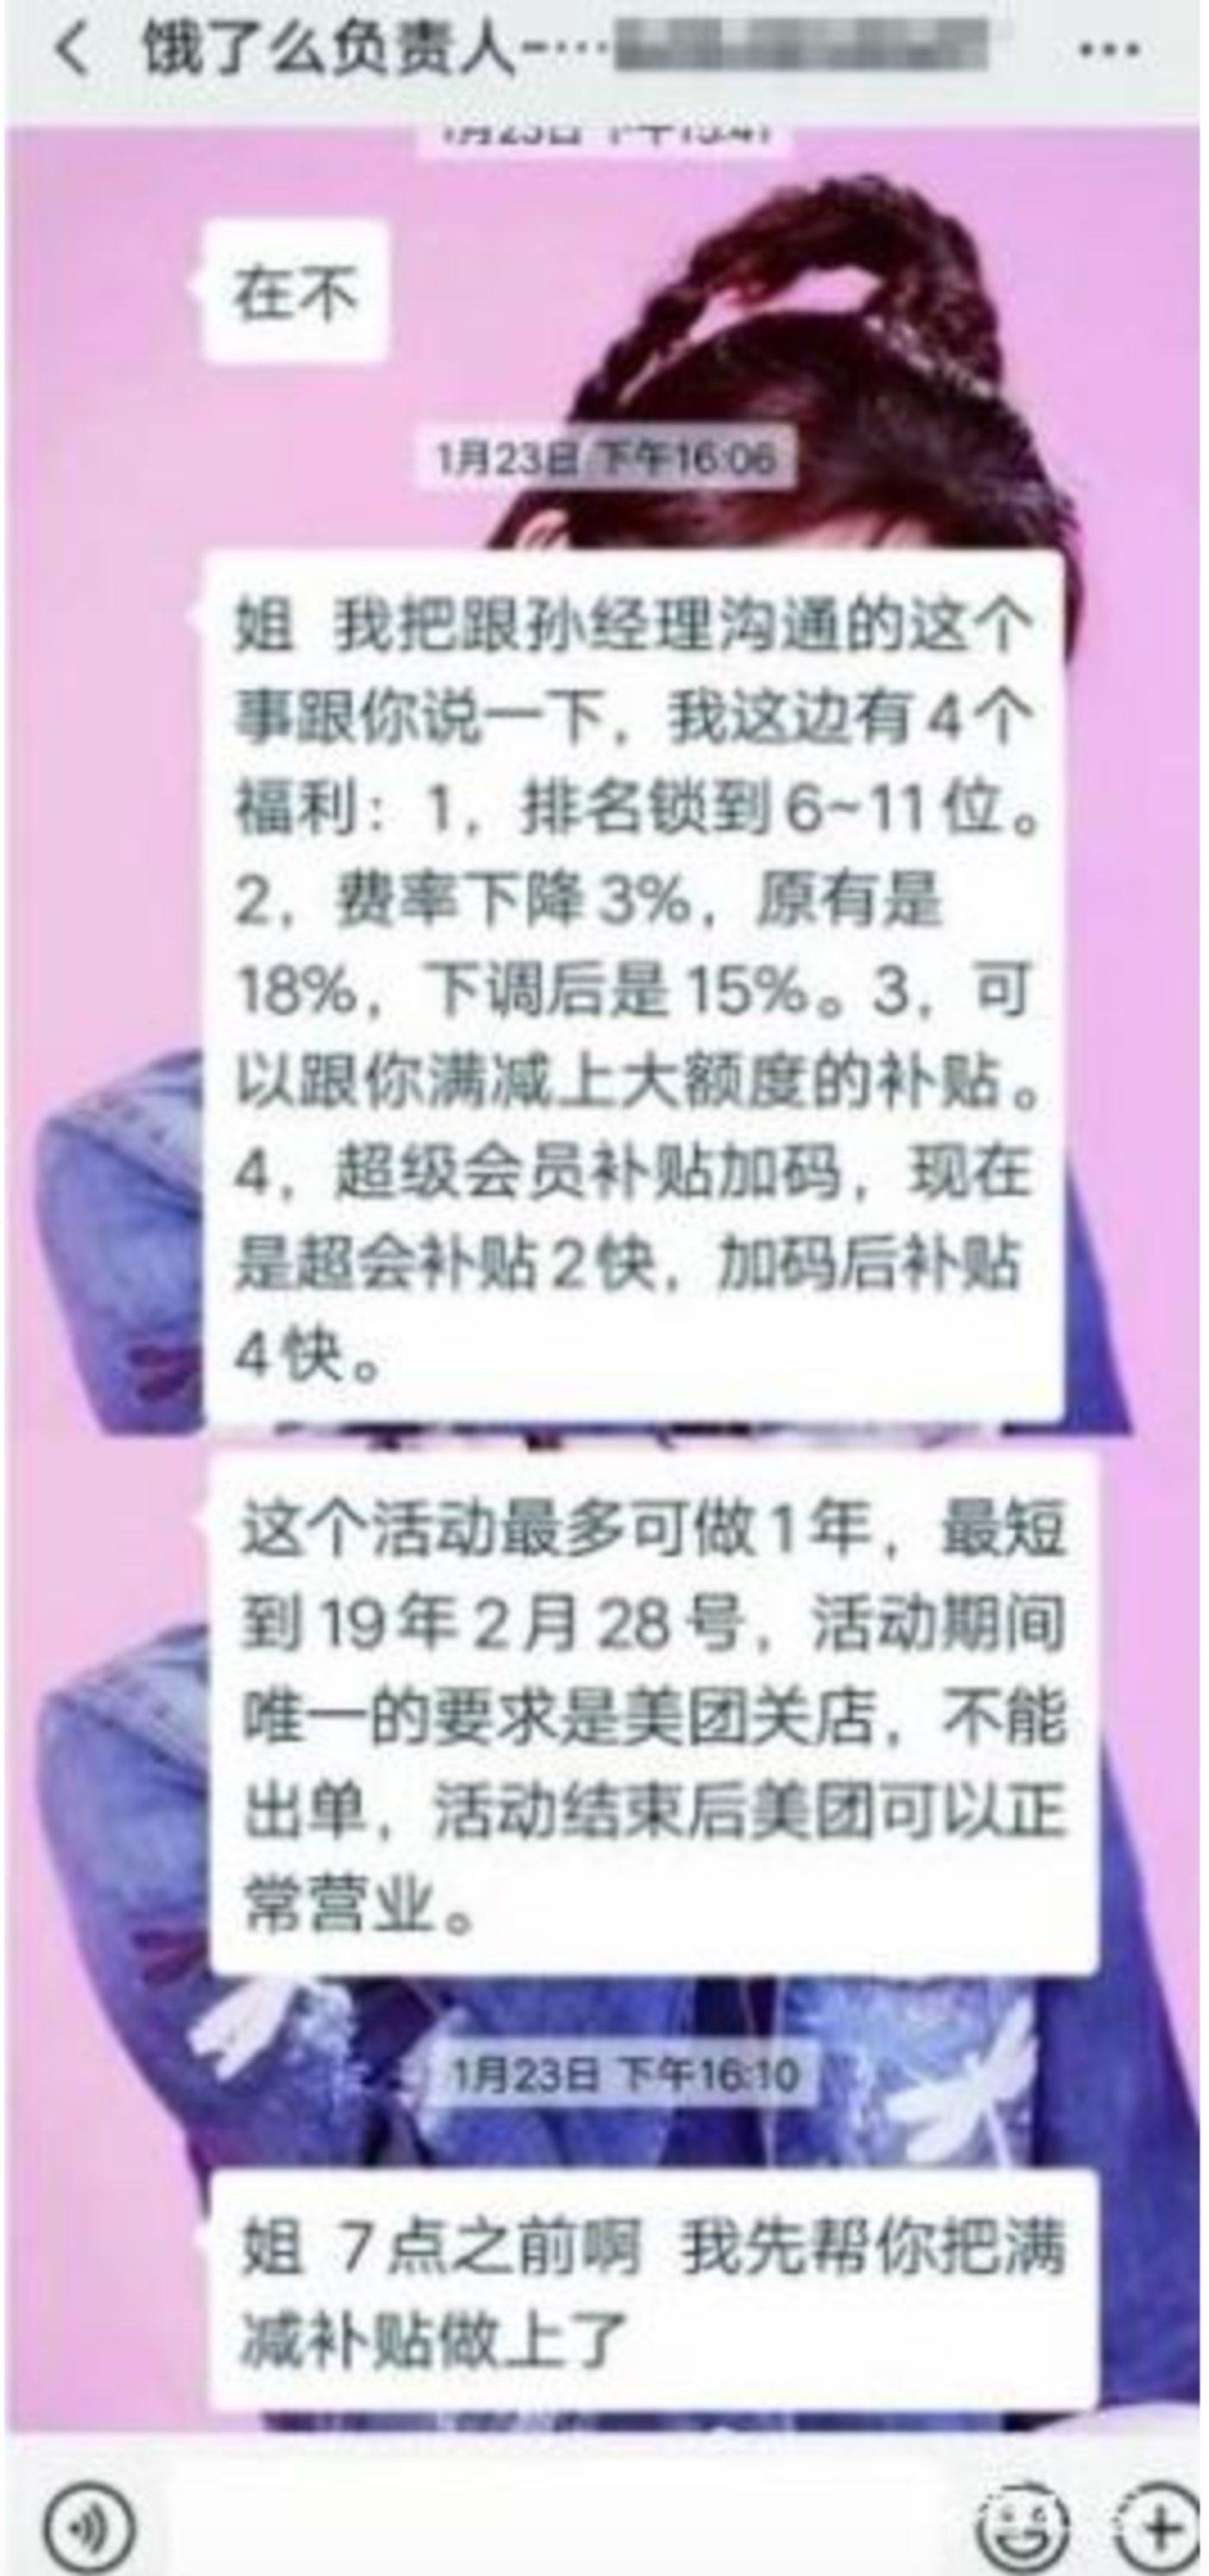 来源:北京晚报相关报道